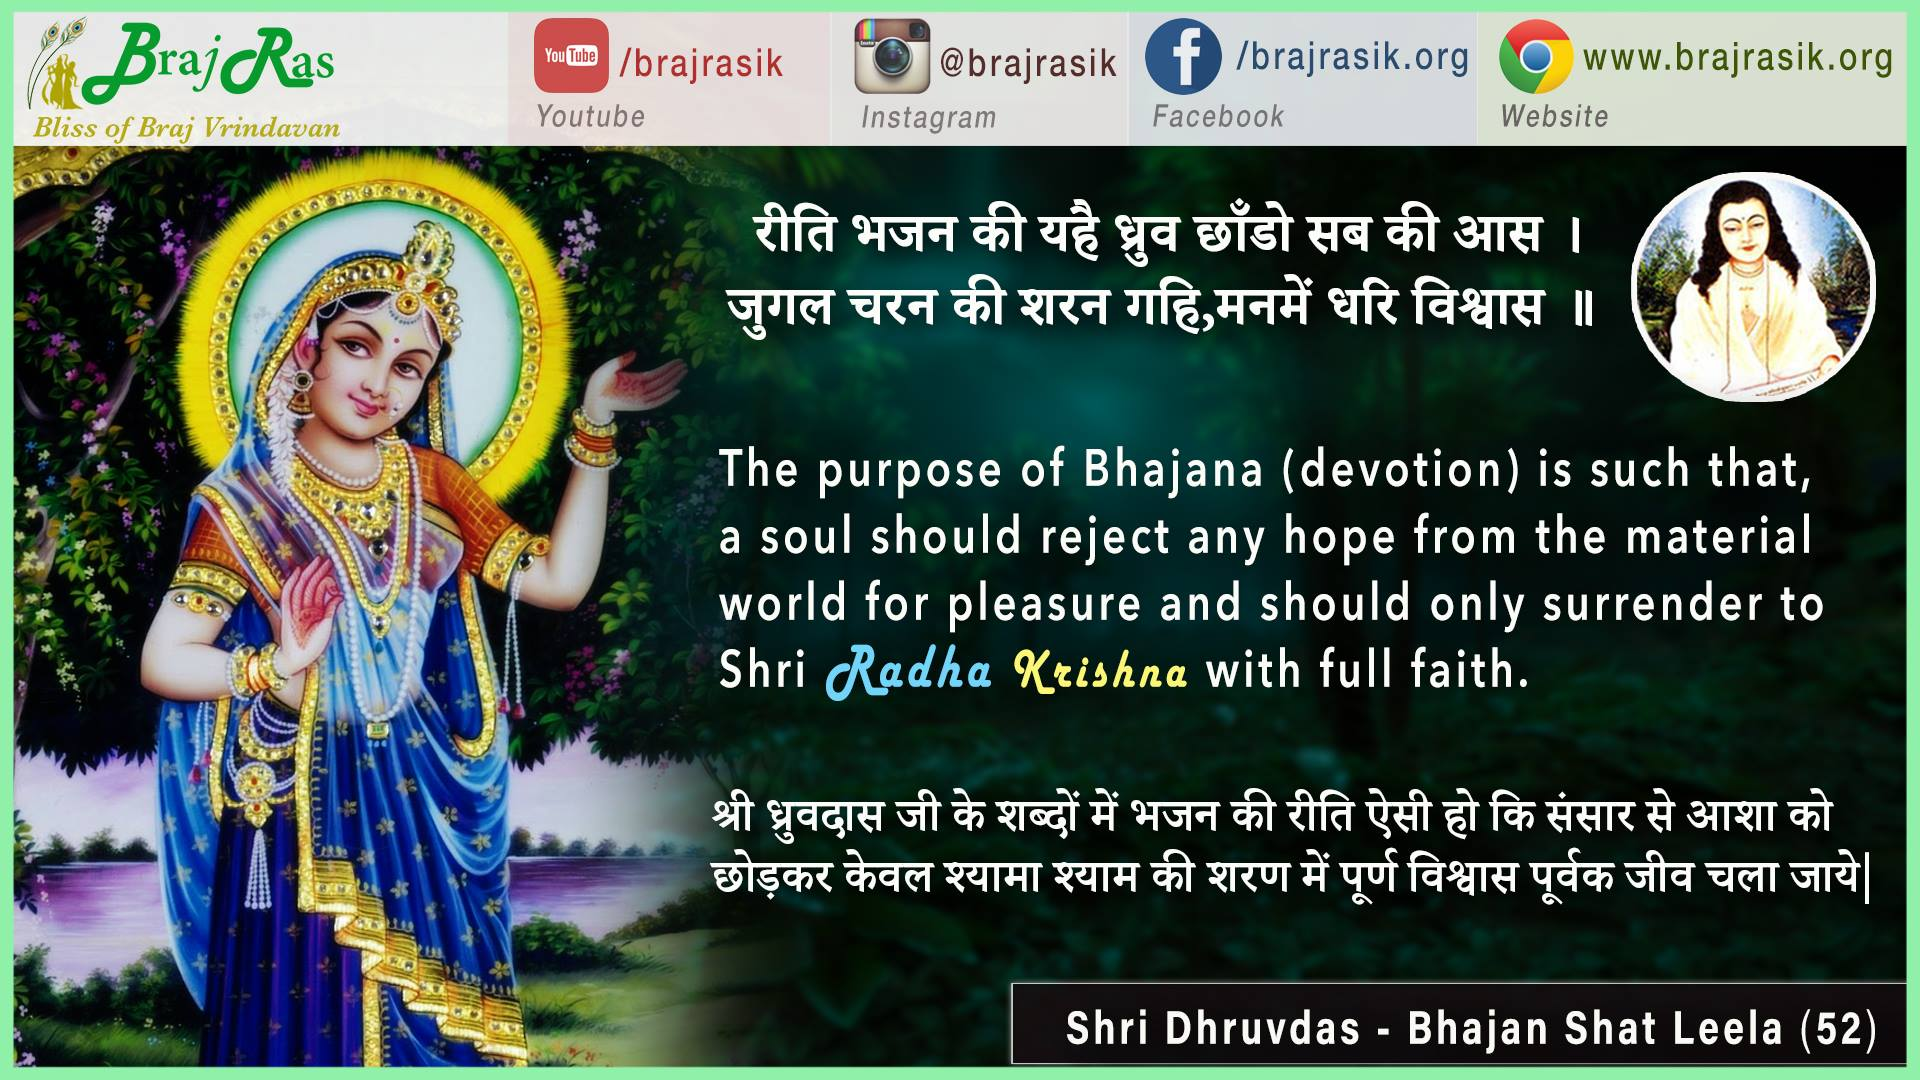 Reeti Bhajan Ki Yah Hai Dhruv - Shri Dhruvdas - Bhajan Shat Leela (52)